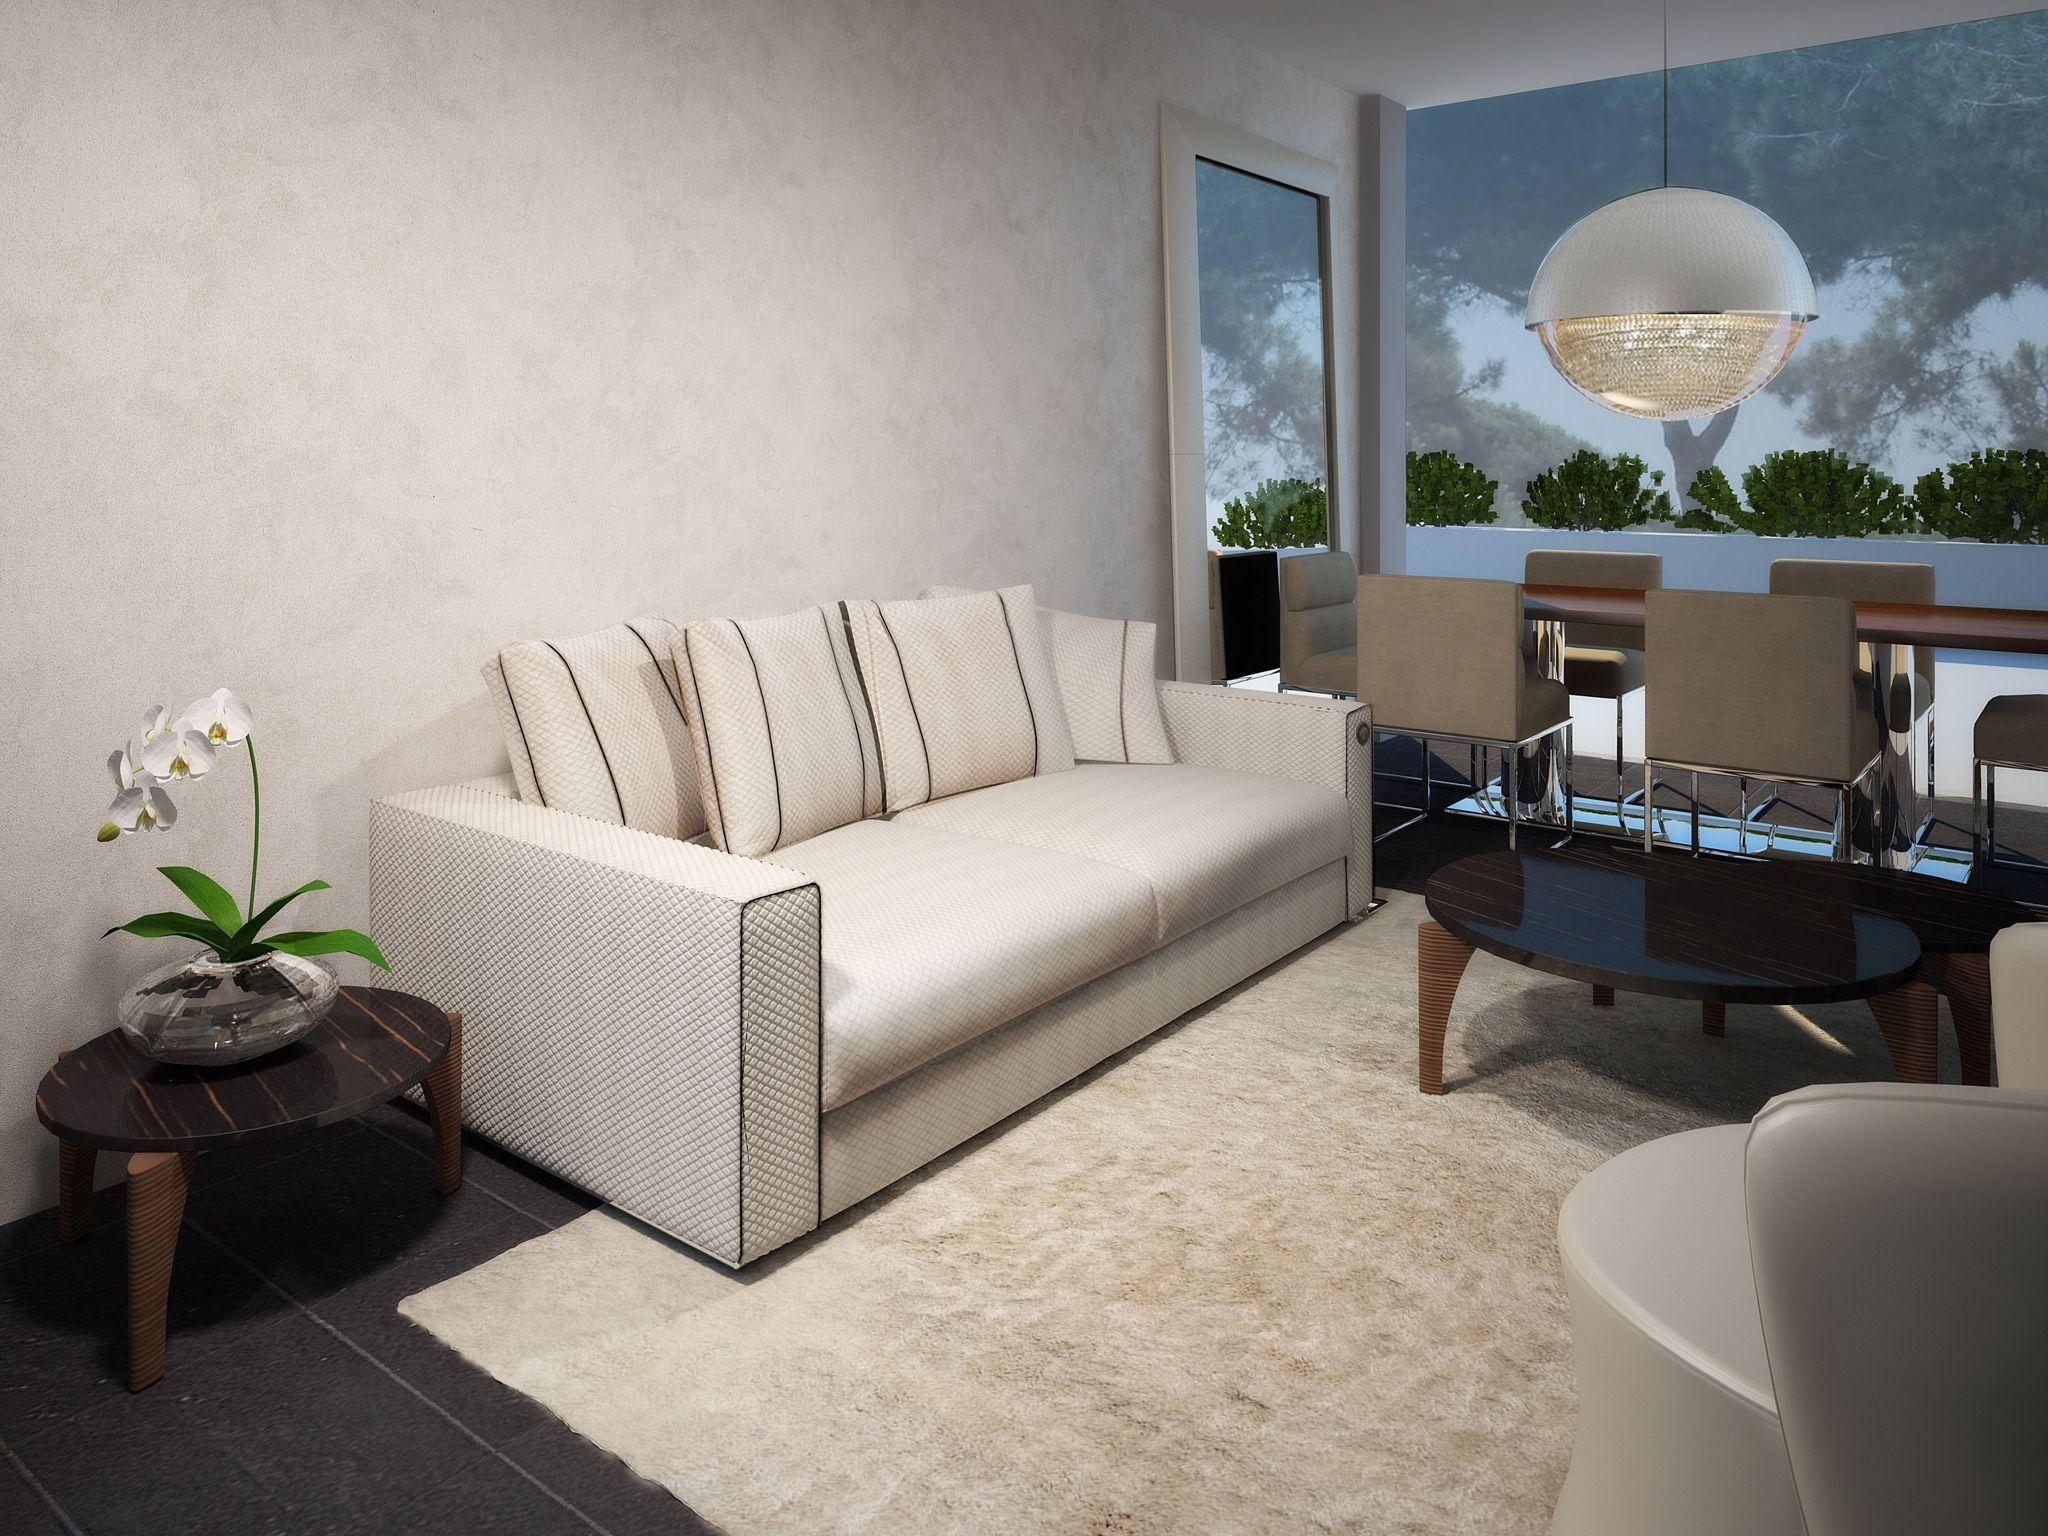 Appartamento di 40 mq a Milano con ispirazione botanica